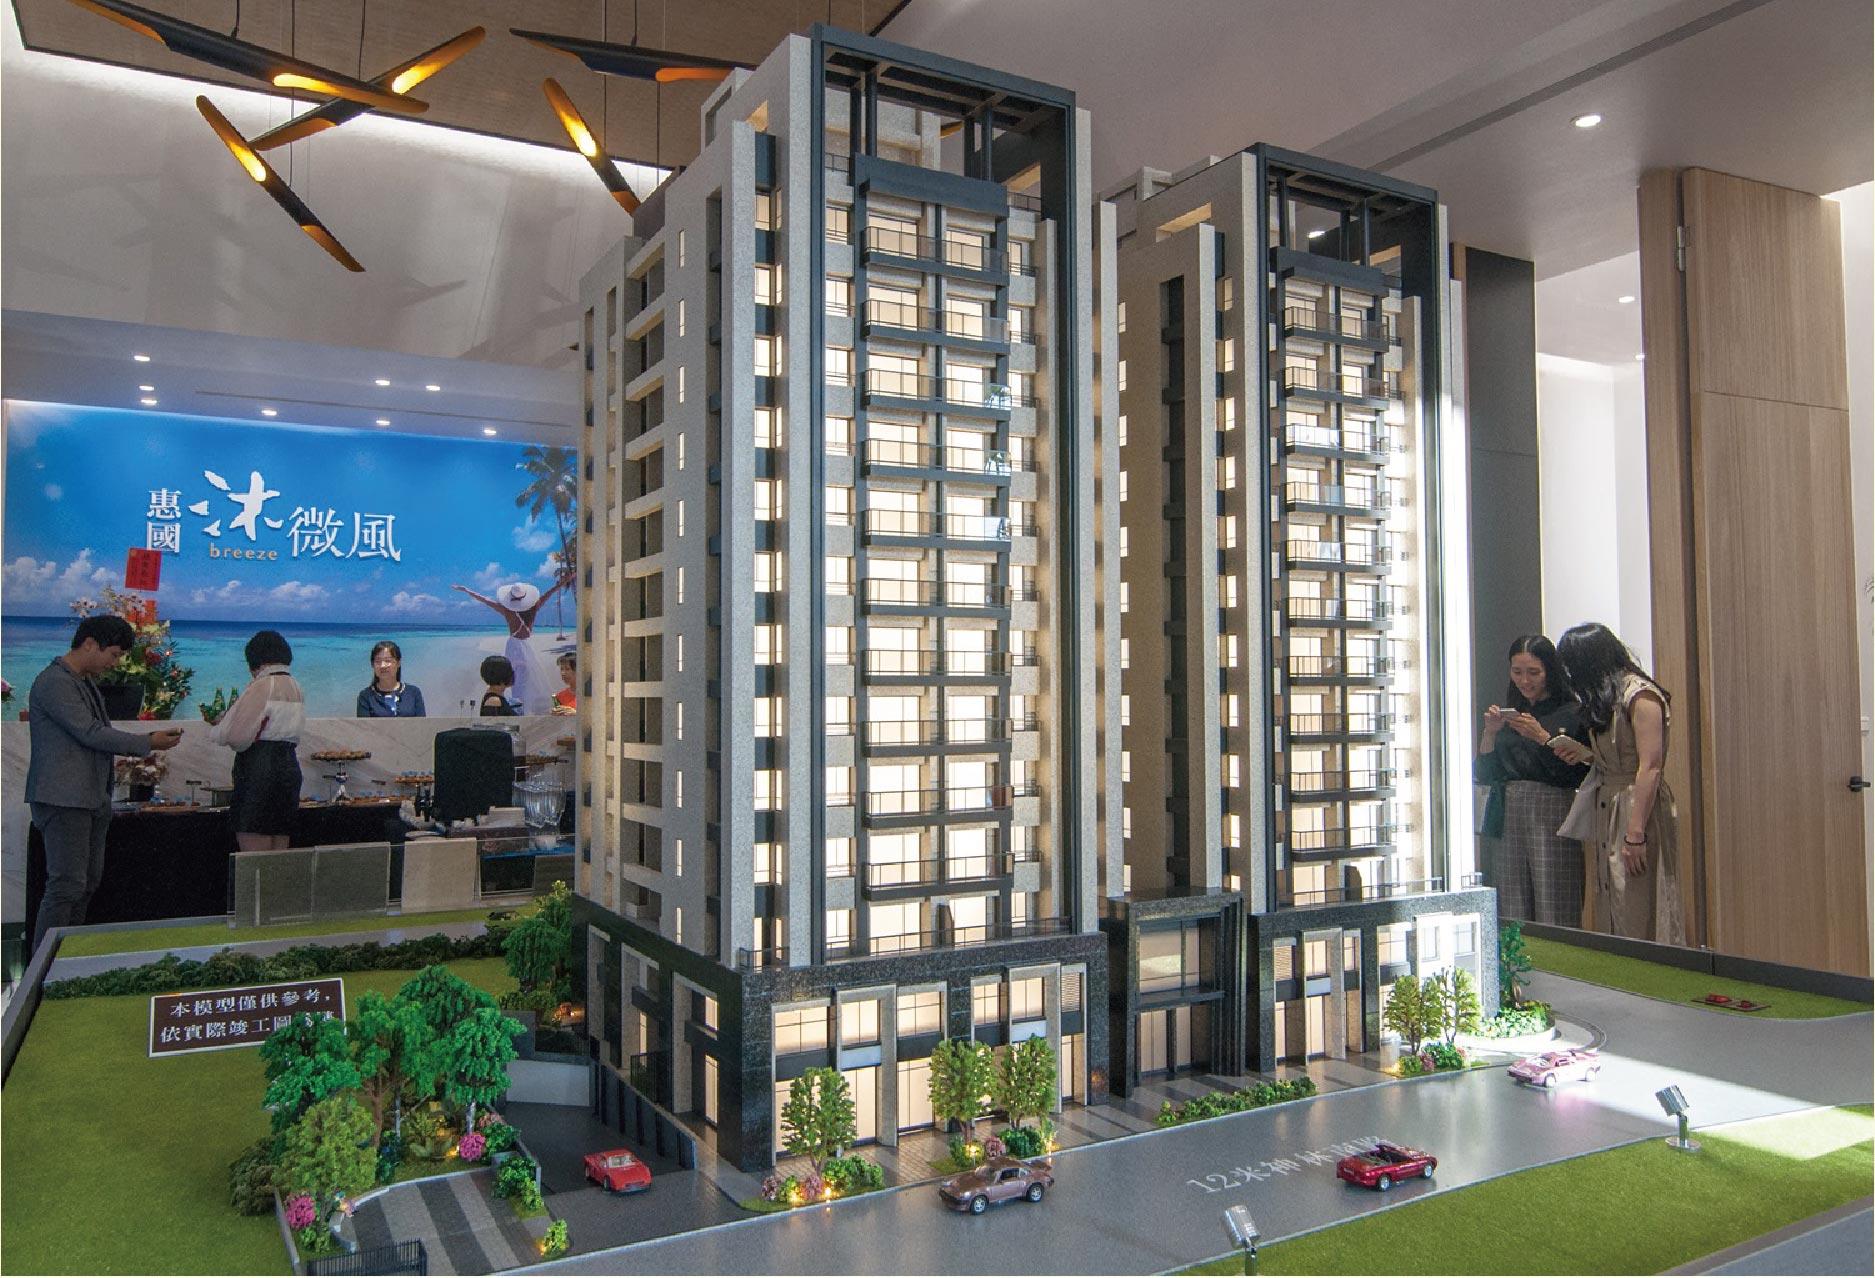 圖片:水湳經貿 中科紅利 | 惠國沐微風 大雅豪宅新地標  開案即熱銷